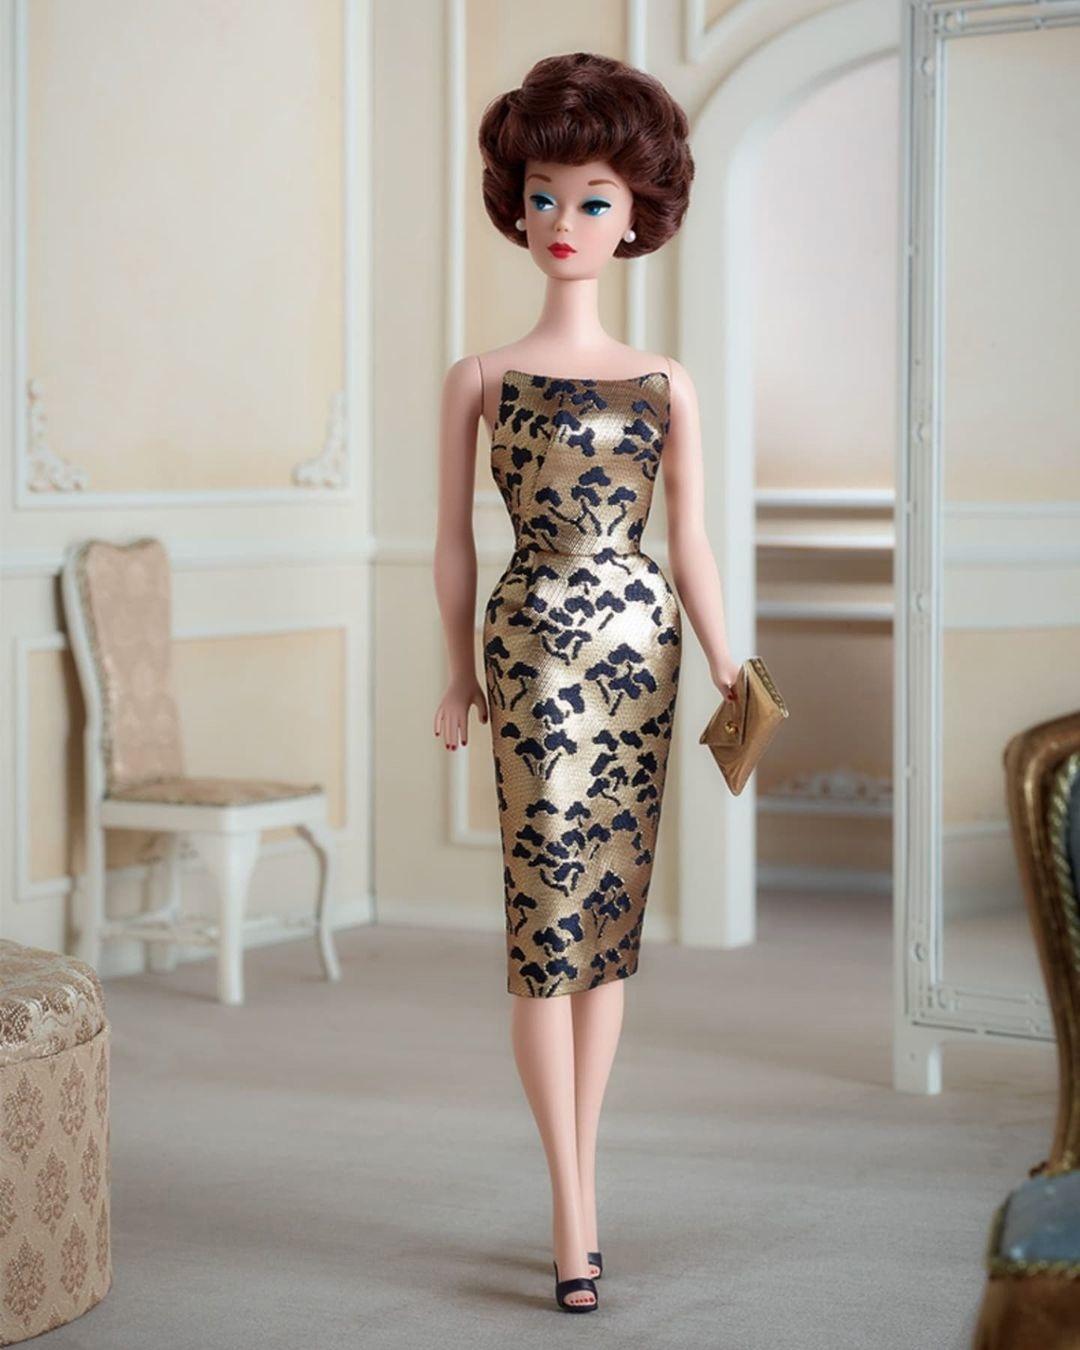 Repro Silkstone 1961 Bubble Cut Barbie doll